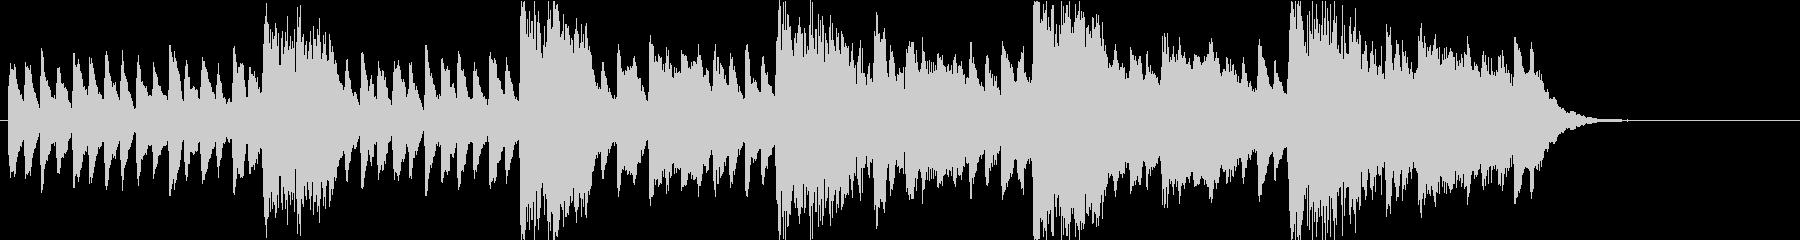 チェレスタで奏でるスリリングなサウンドの未再生の波形